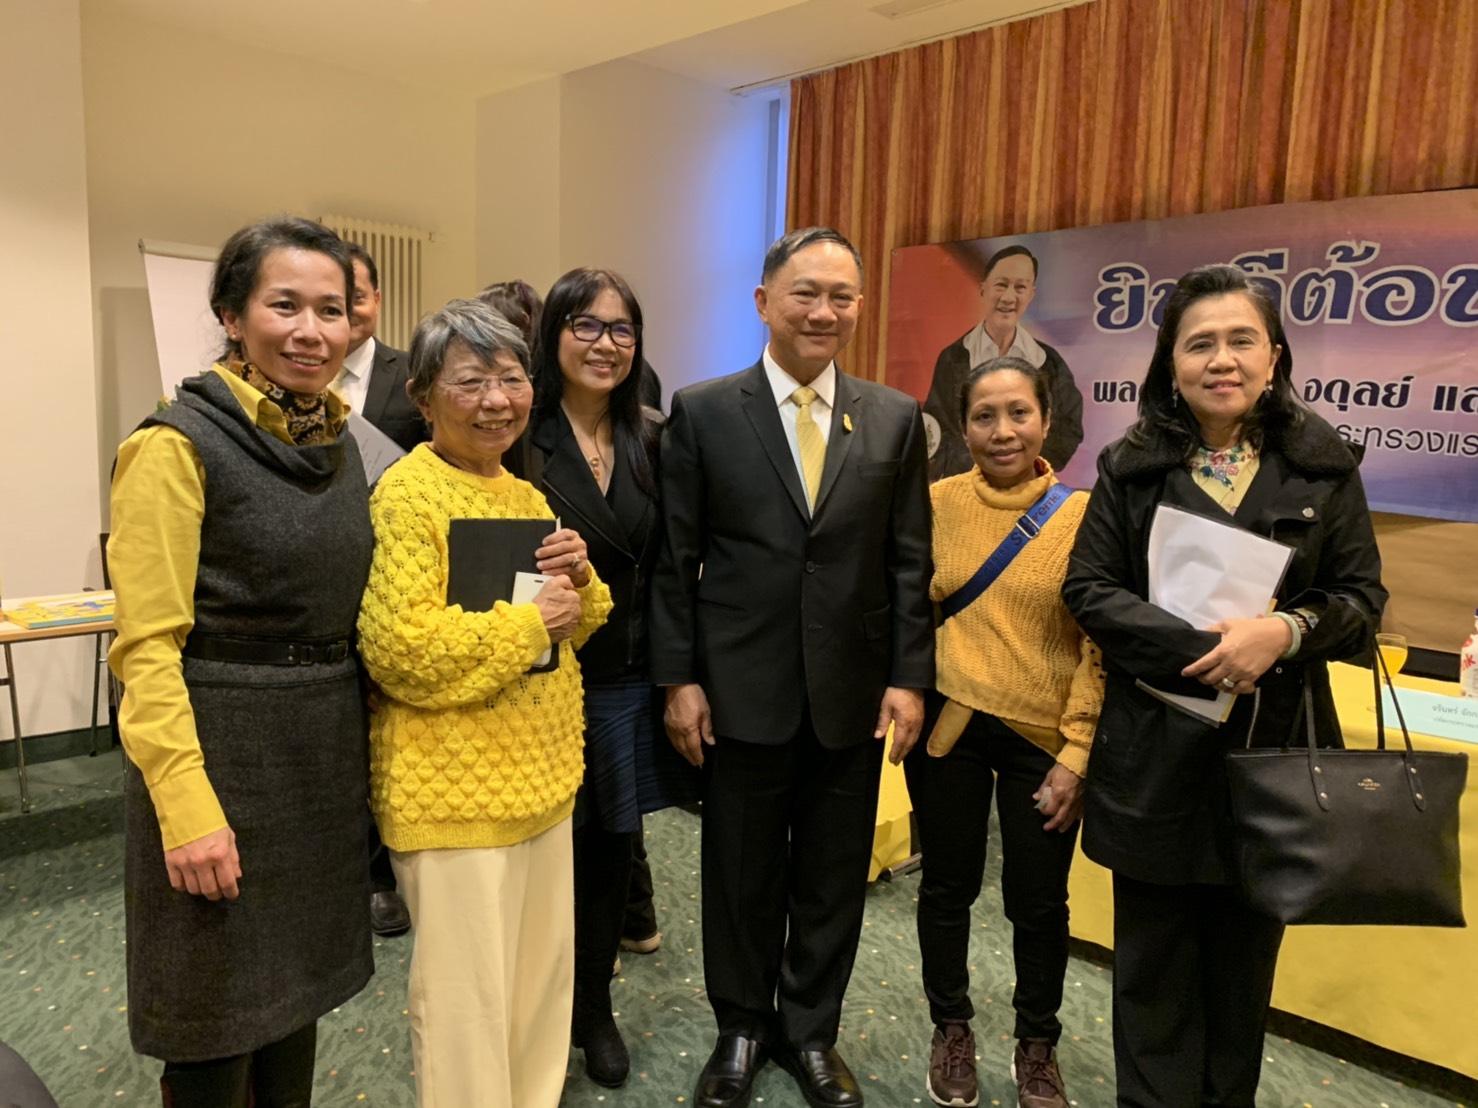 บิ๊กแรงงาน พบคนงานไทยในมันไฮม์ฝากให้บริหารการเงิน รักษาสุขภาพ ปฏิบัติตามกฎหมายและเก็บเกี่ยวประสบการณ์มาพัฒนาประเทศ